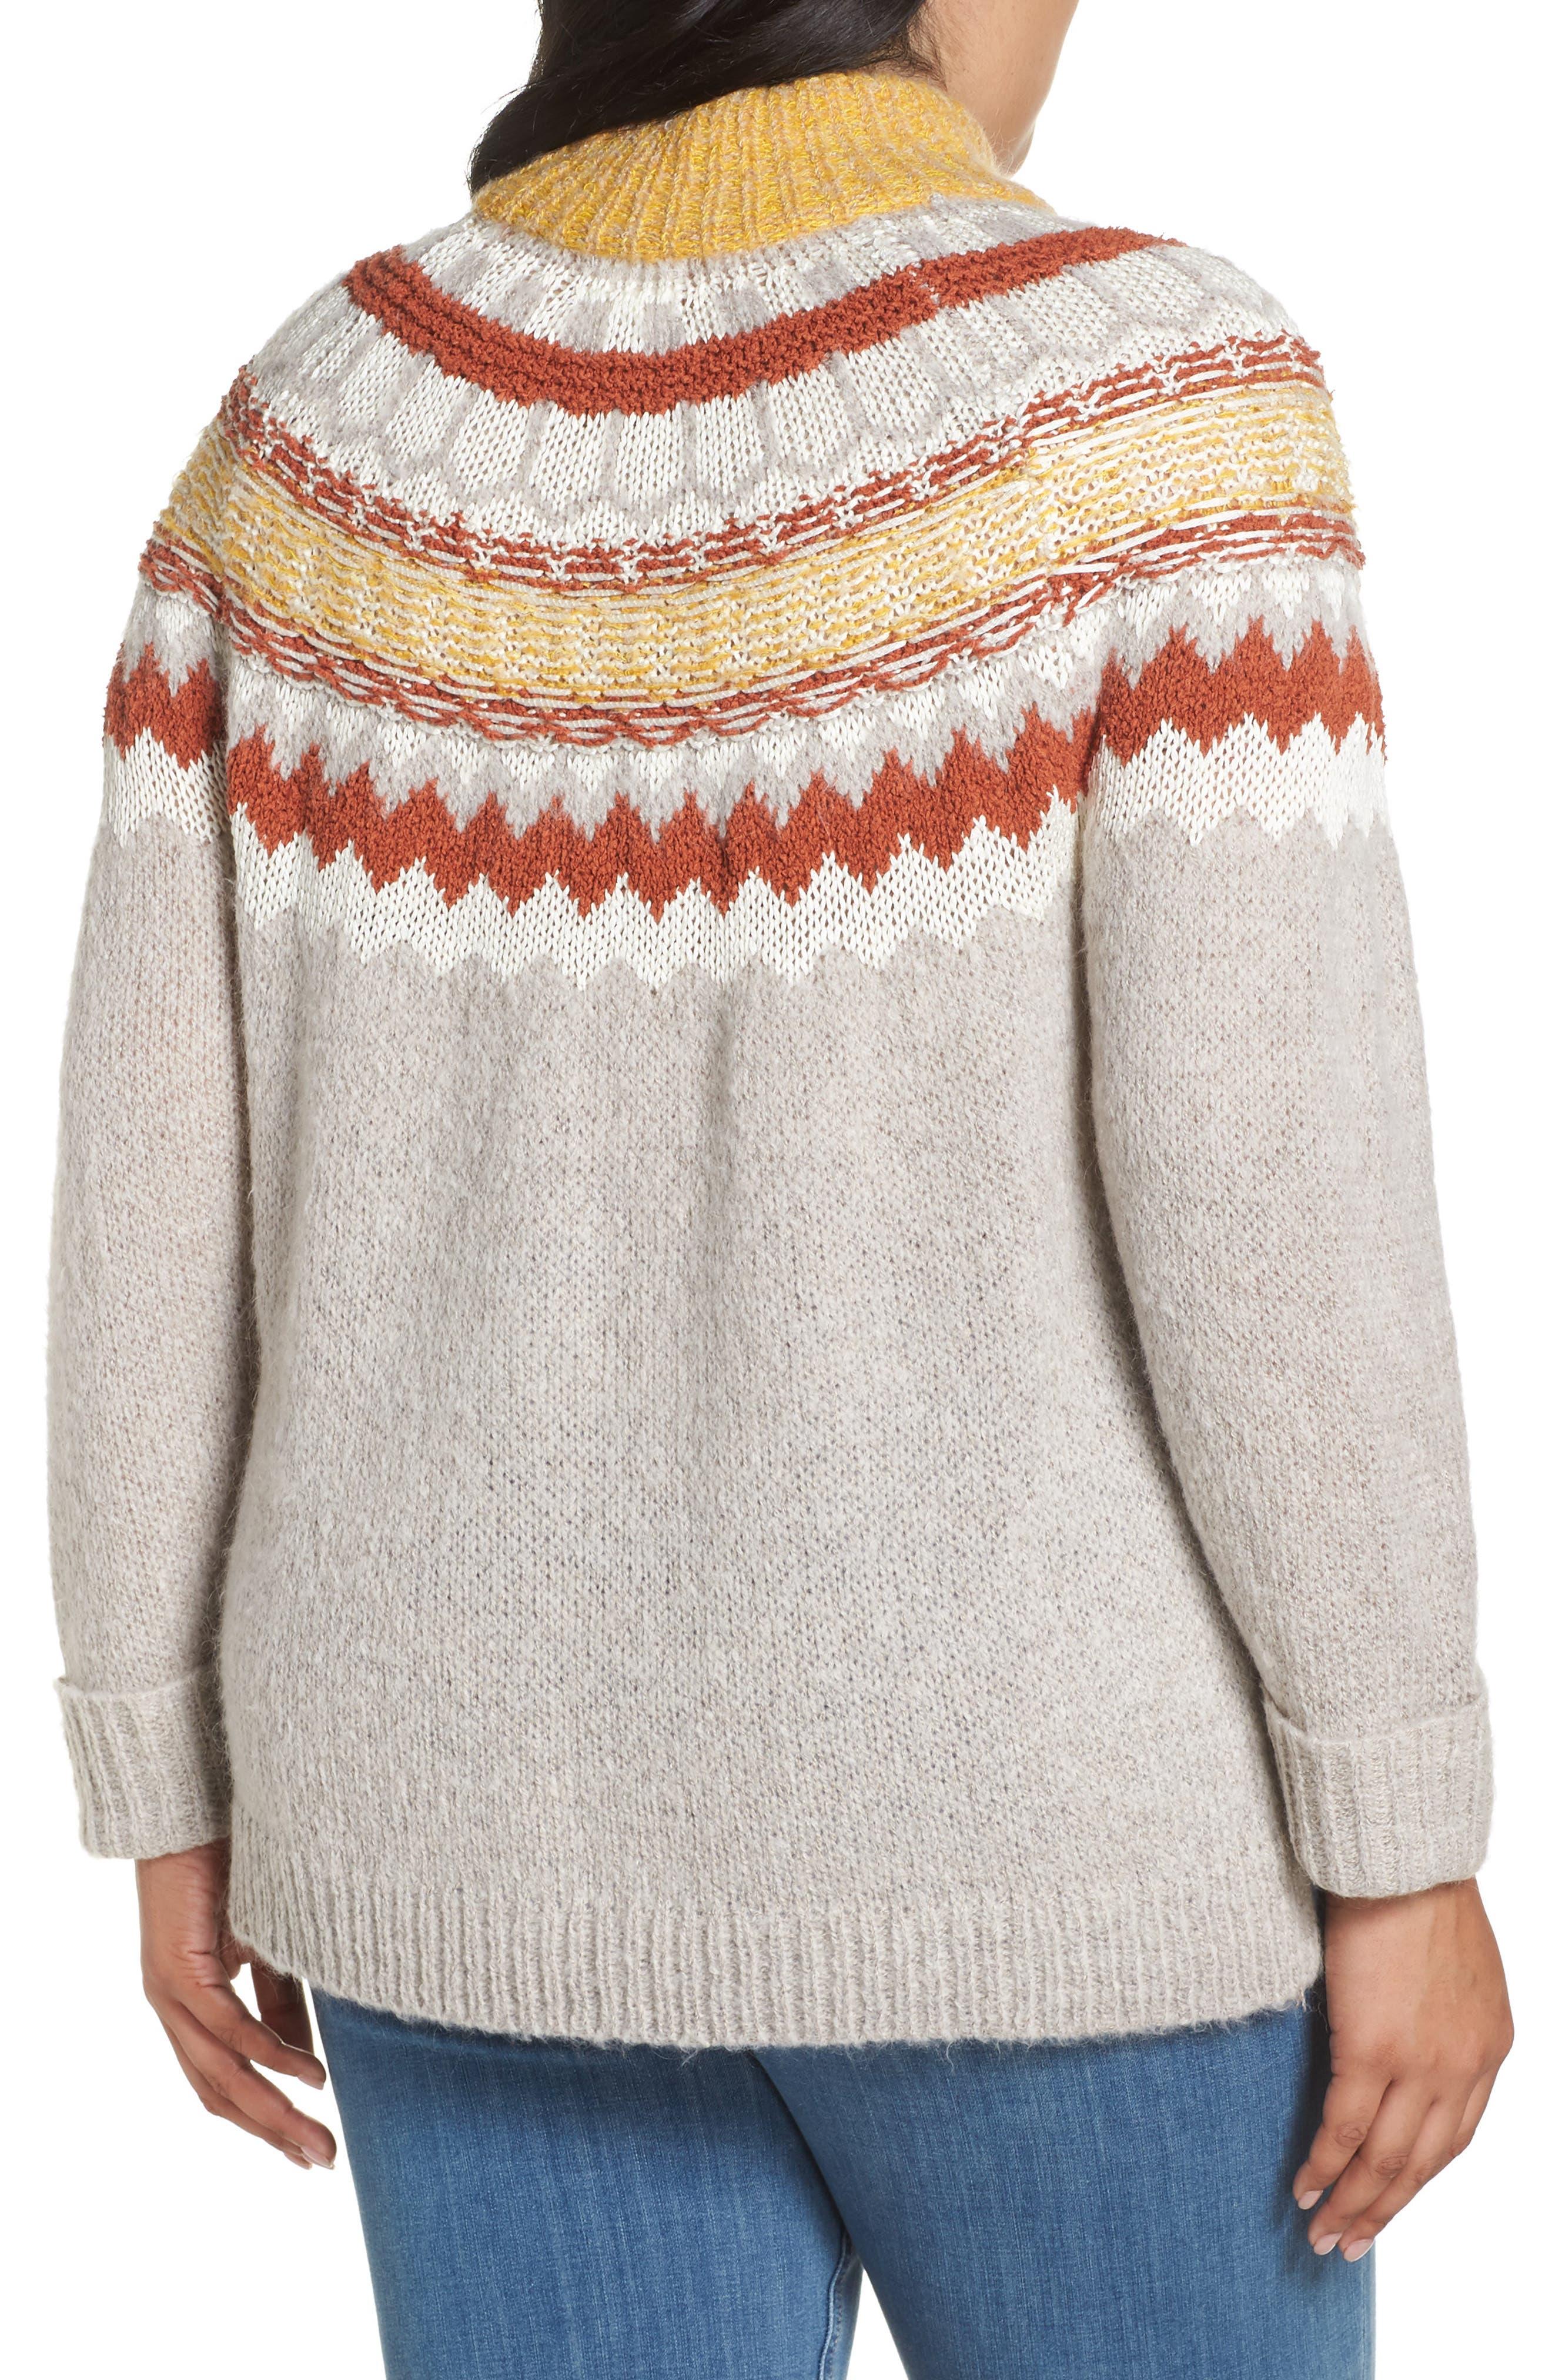 Chunky Jacquard Sweater,                             Alternate thumbnail 2, color,                             TAN COBBLESTONE FOLIAGE PTN